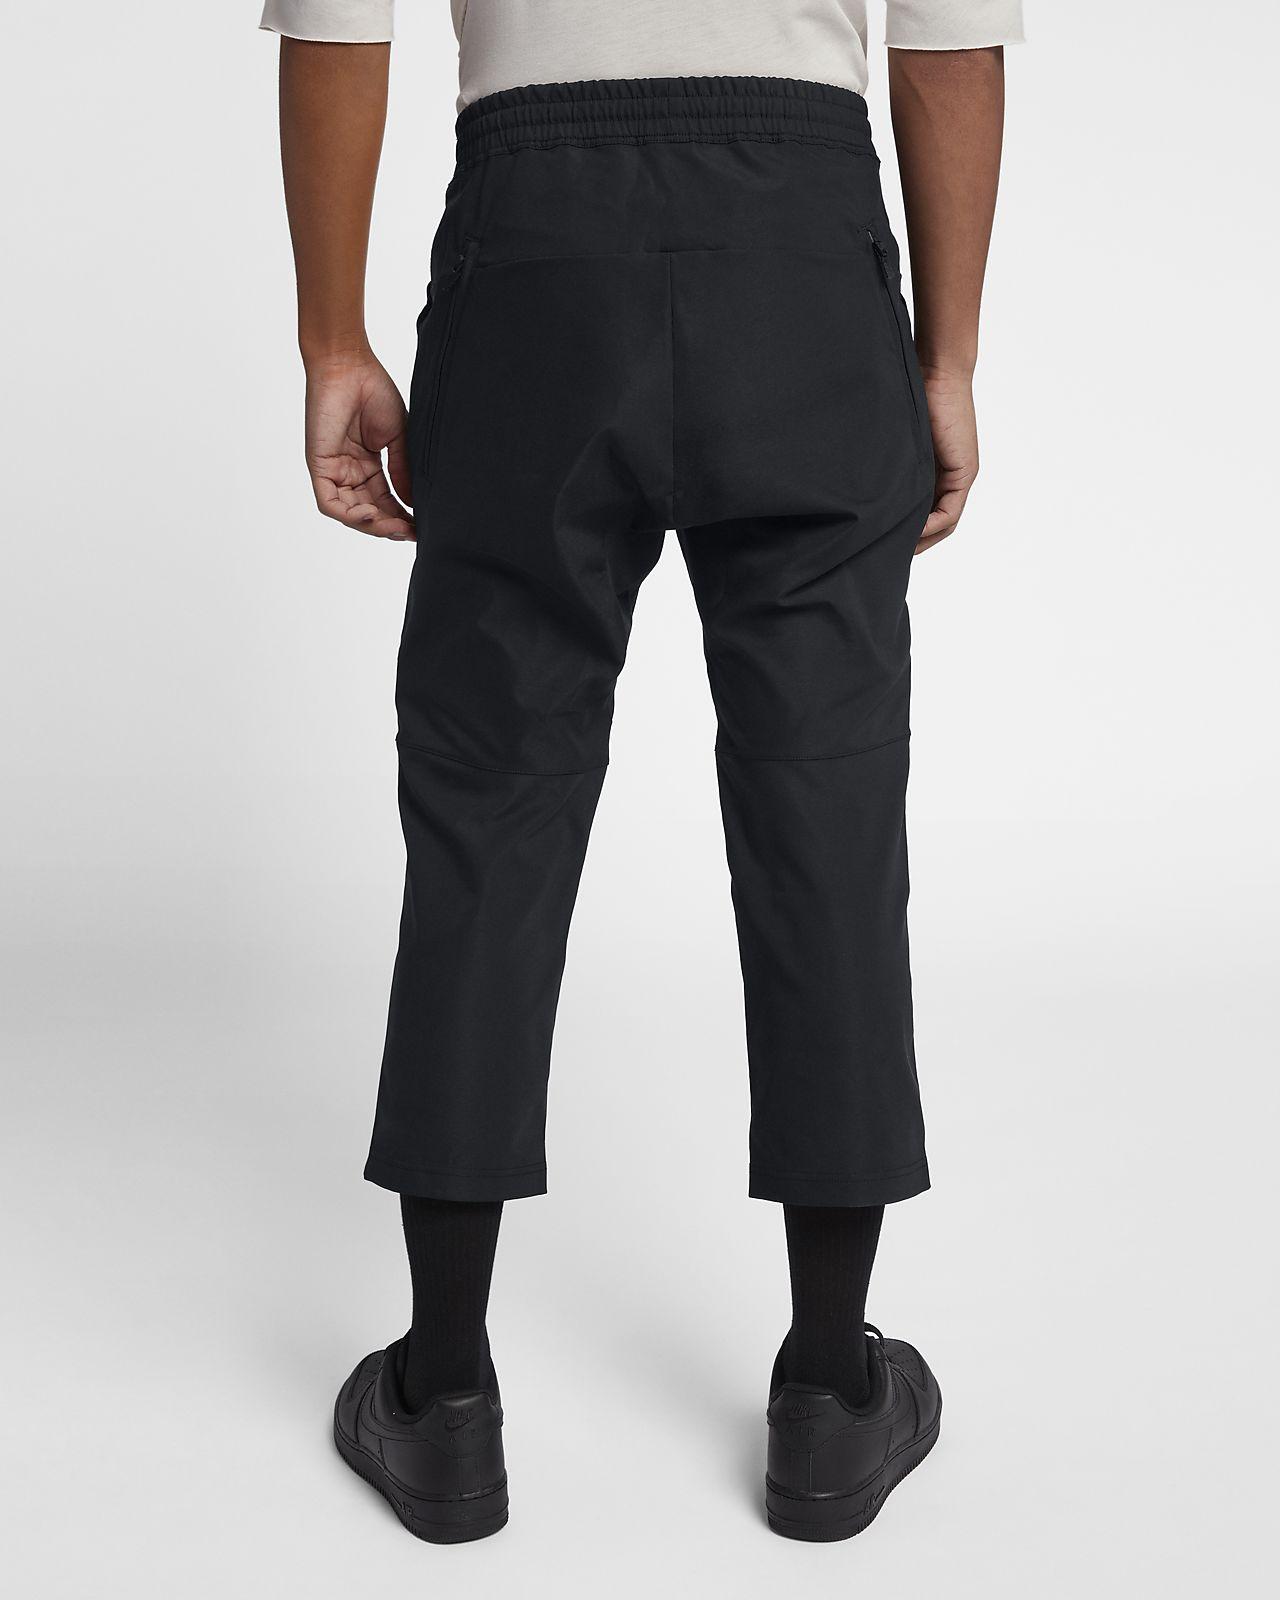 3/4 nike pants